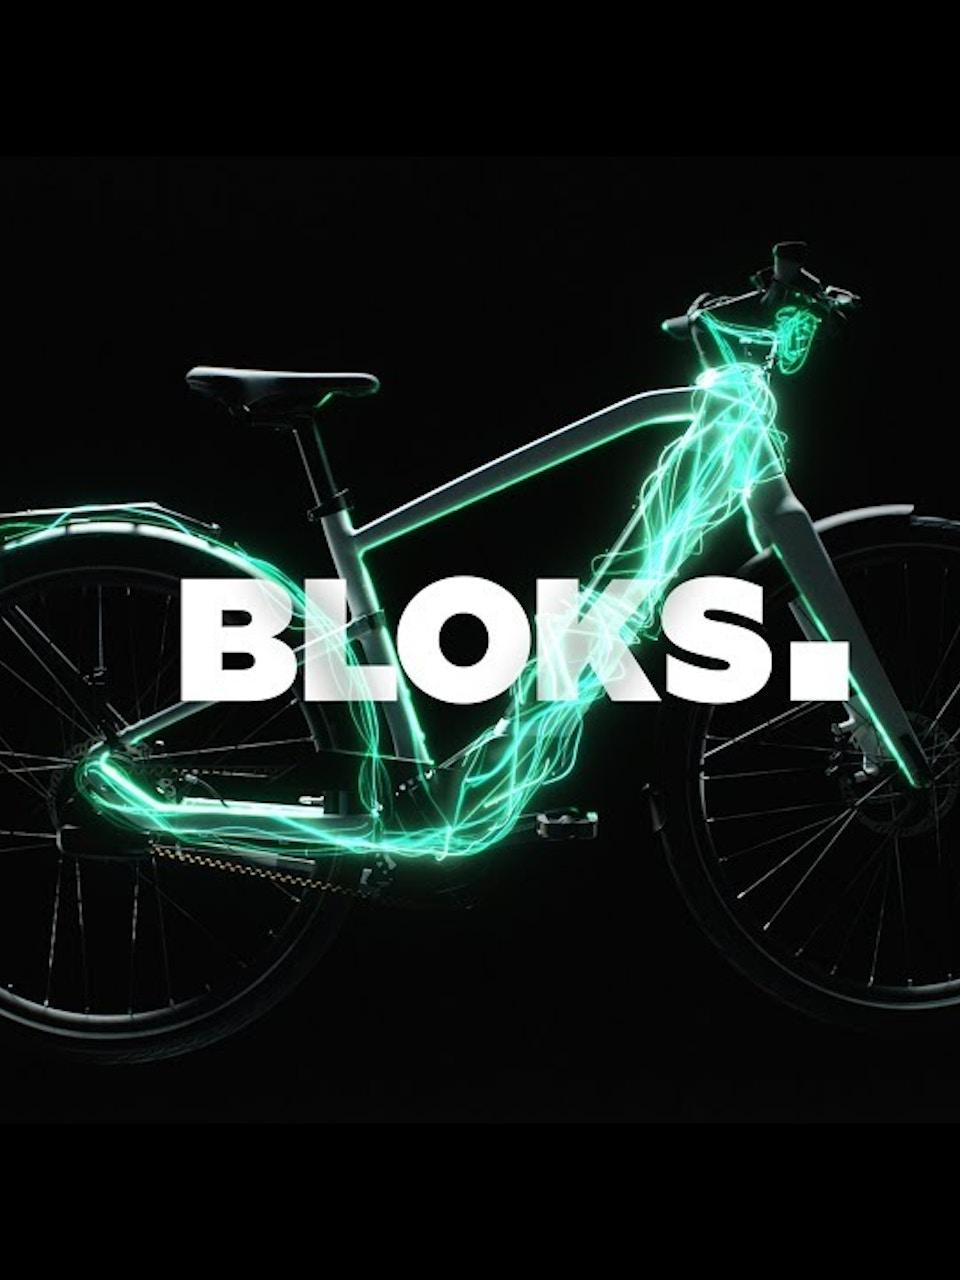 Bloks.